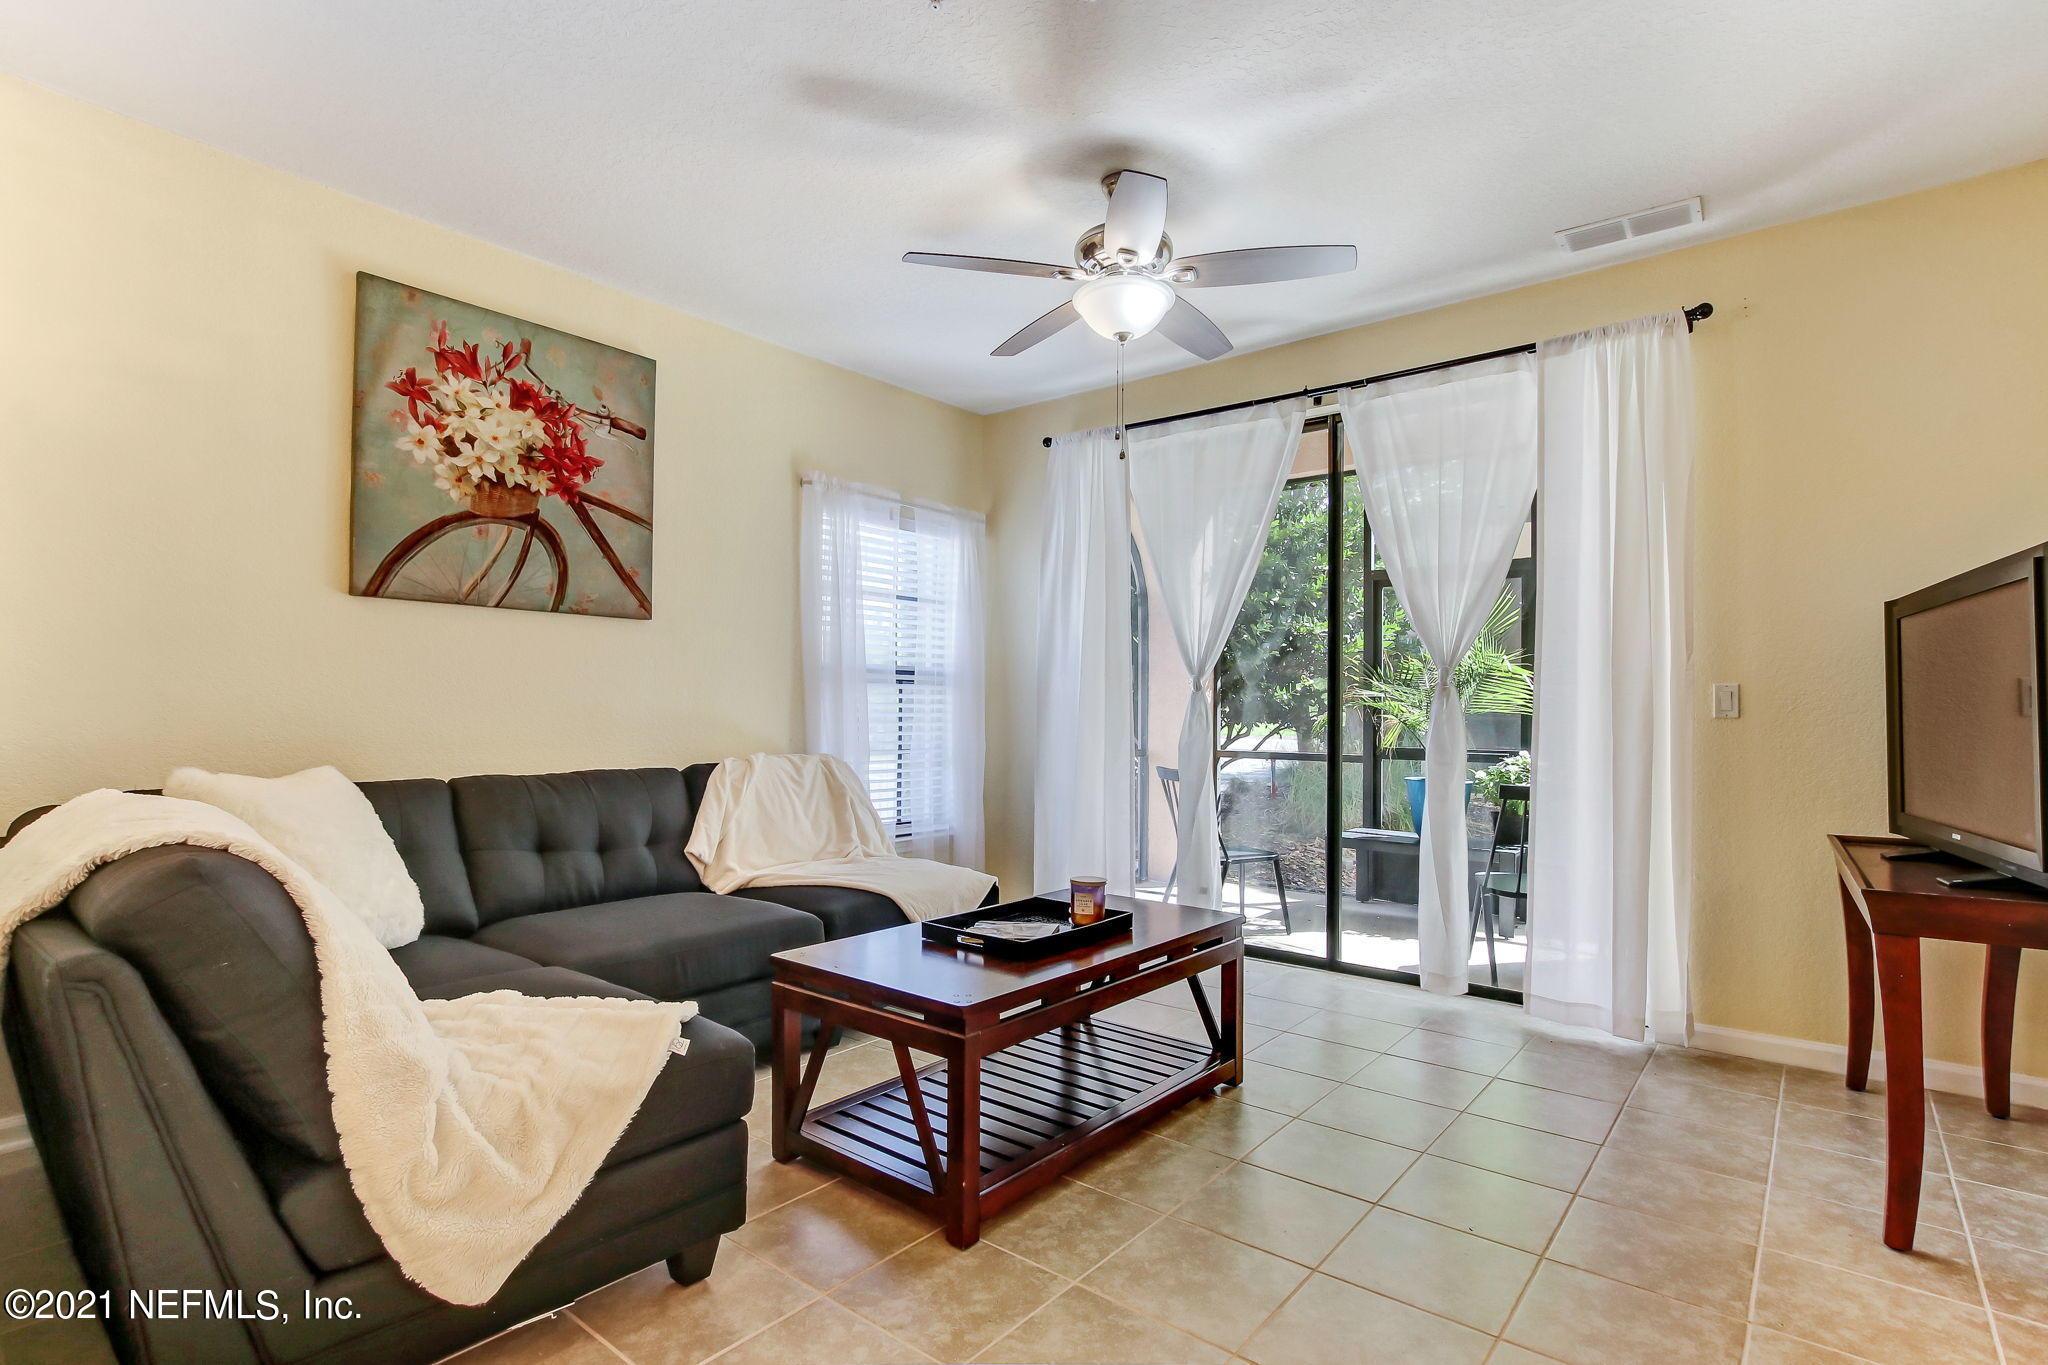 Details for 155 Calle El Jardin  101, ST AUGUSTINE, FL 32095